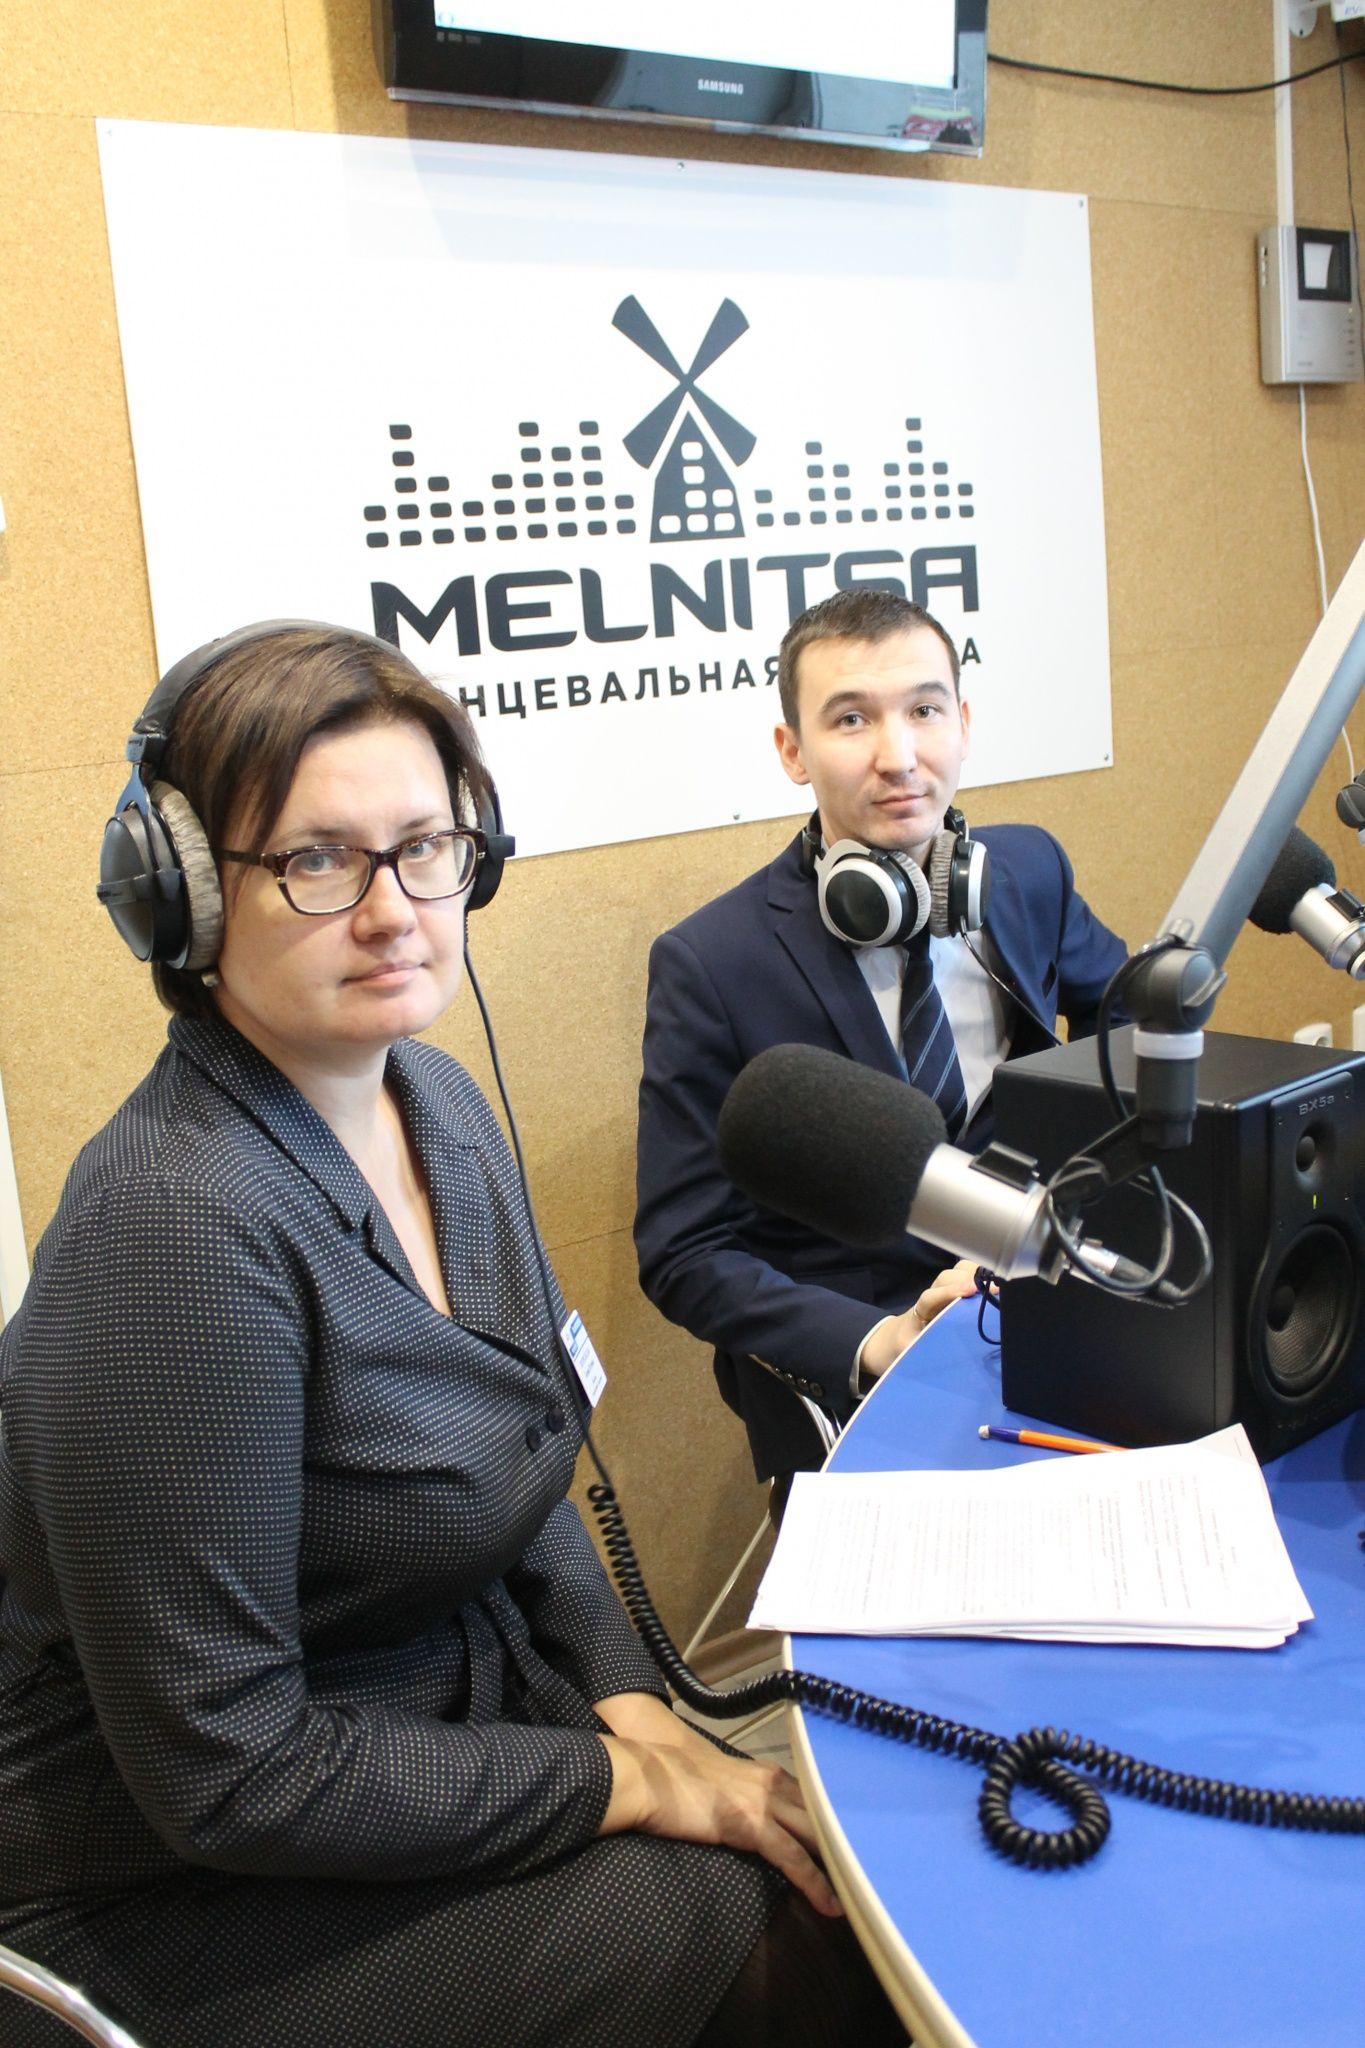 Энерголикбез-2016: Энергетики ответили на вопросы потребителей в прямом радиоэфире